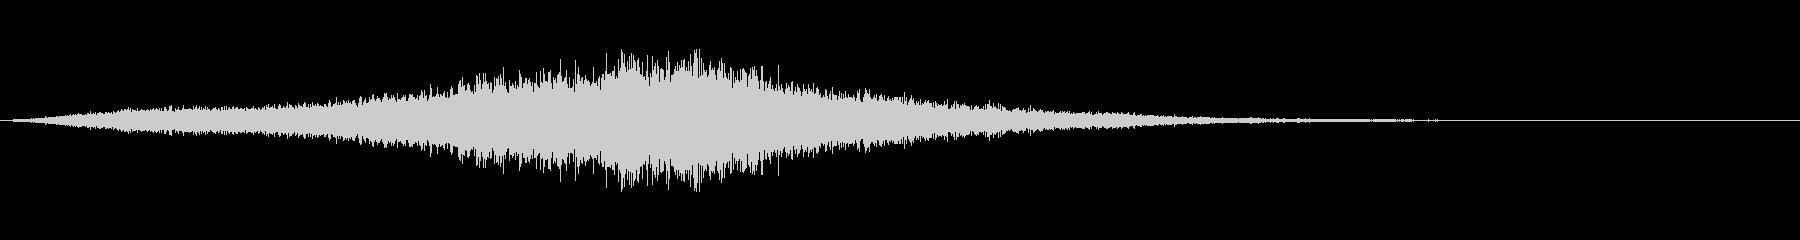 映画向け効果音18の未再生の波形